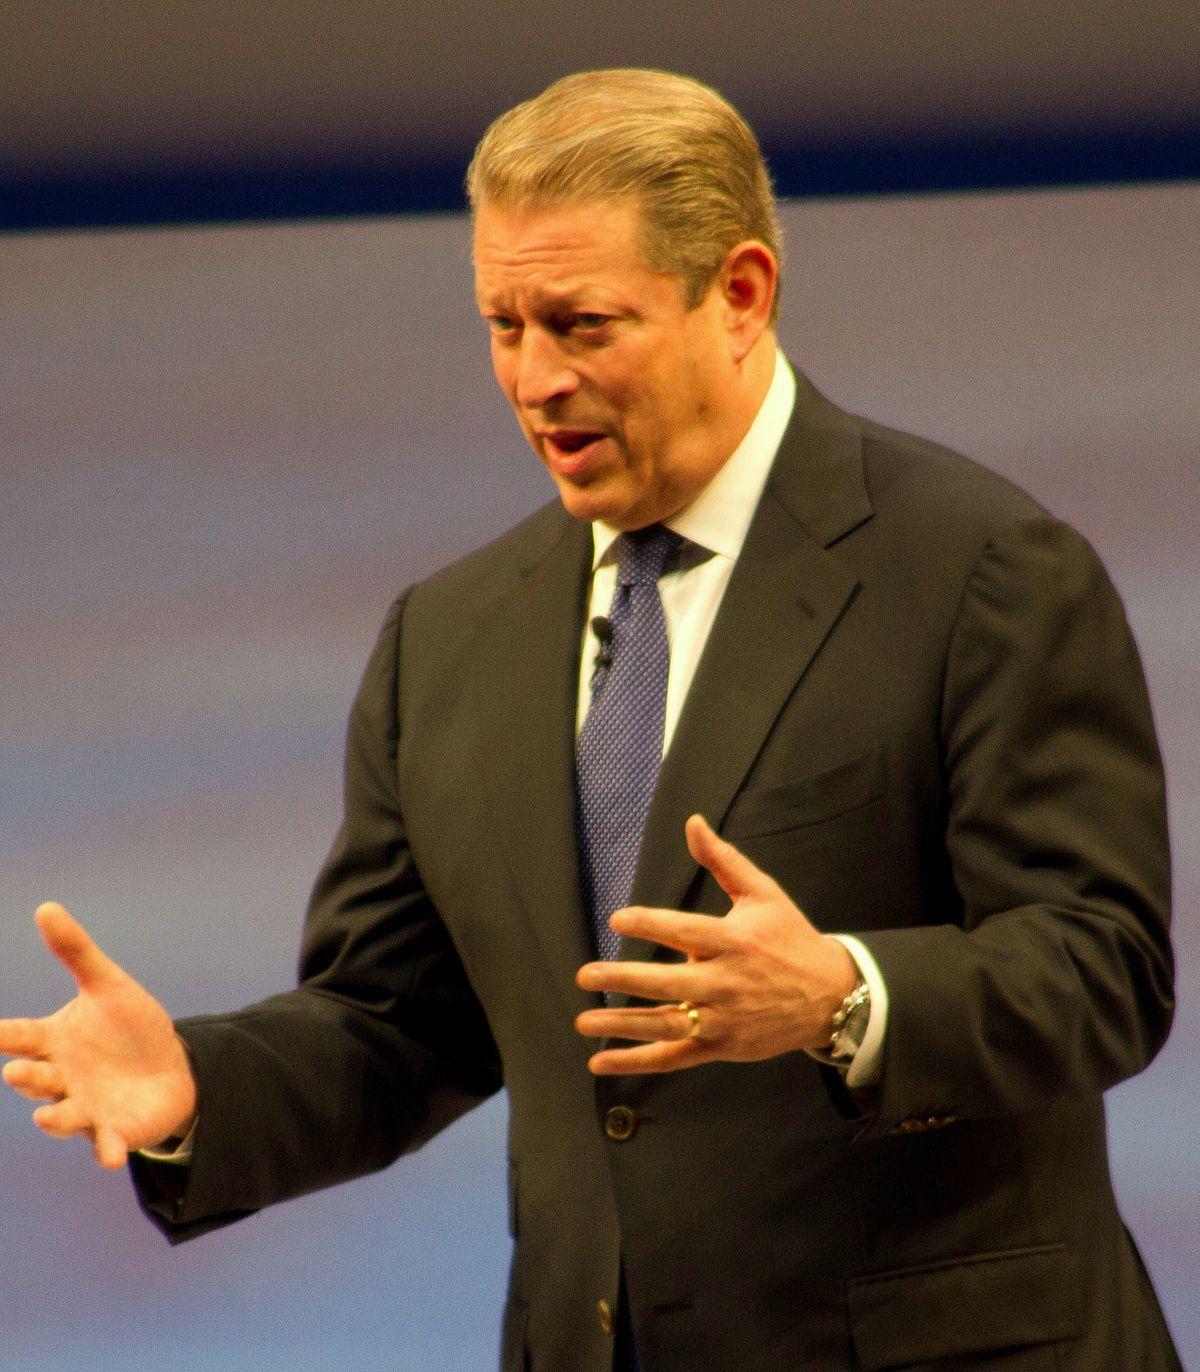 Al Gore Wikipedia - Wikipedia bill clinton